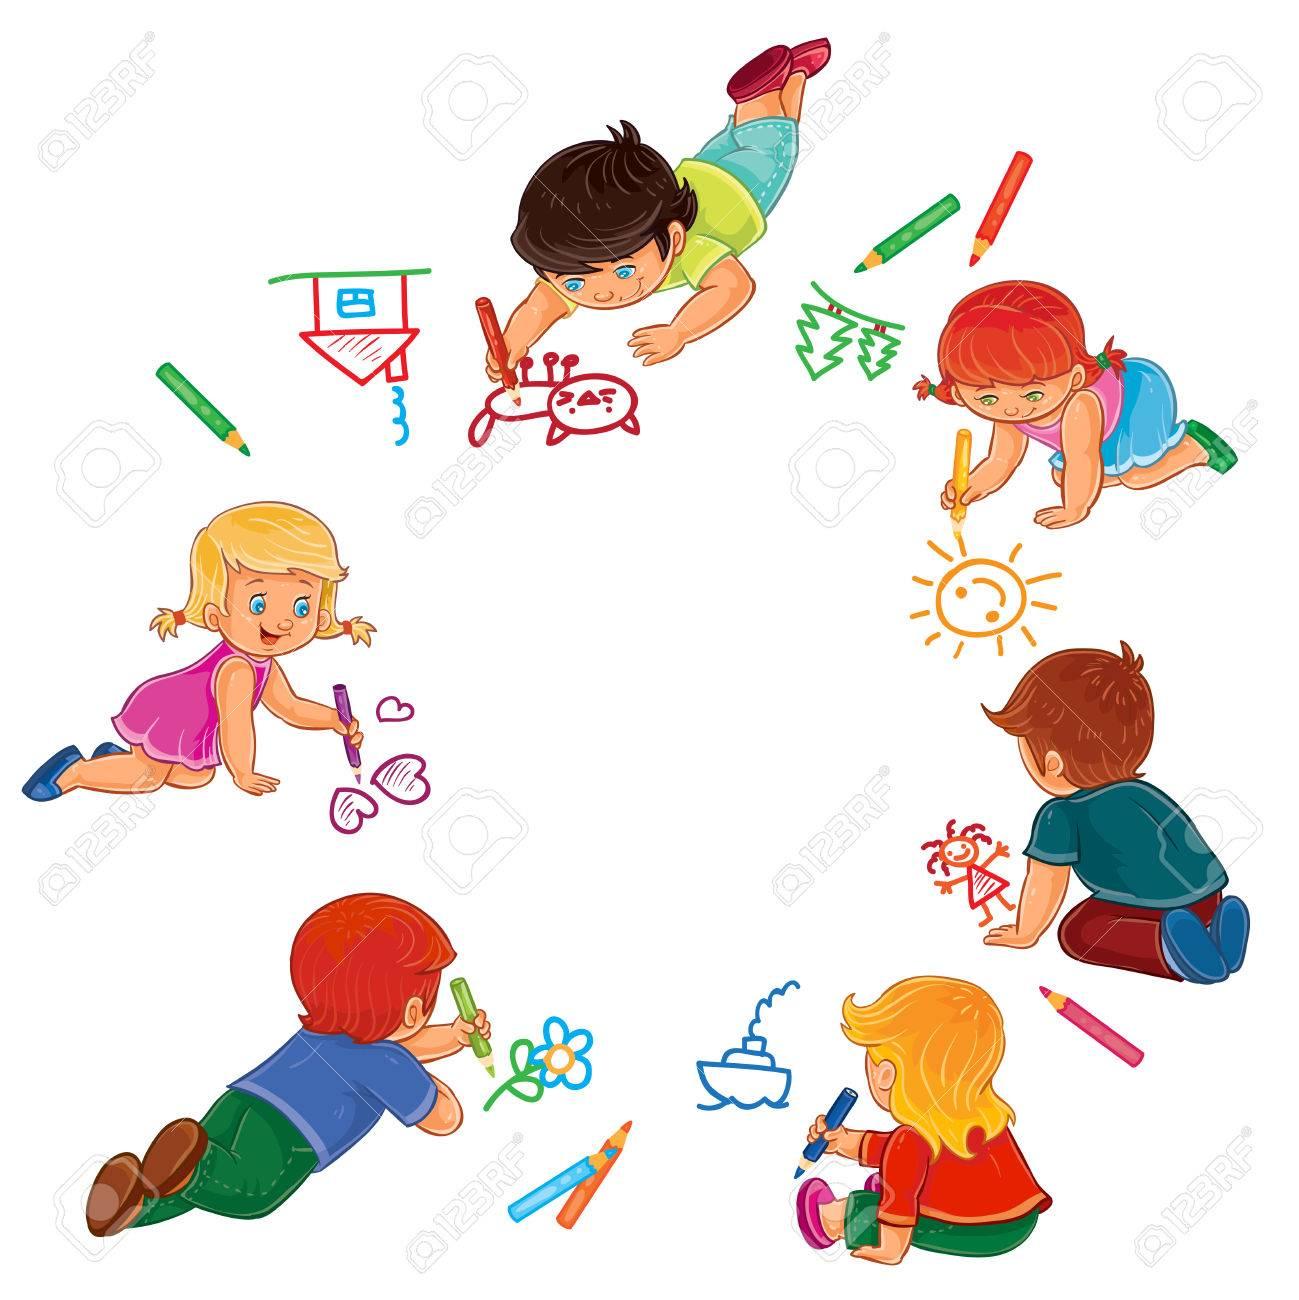 Illustration Vectorielle Des Petits Garçons Et Filles Dessiner Avec Des Crayons De Couleur Impression